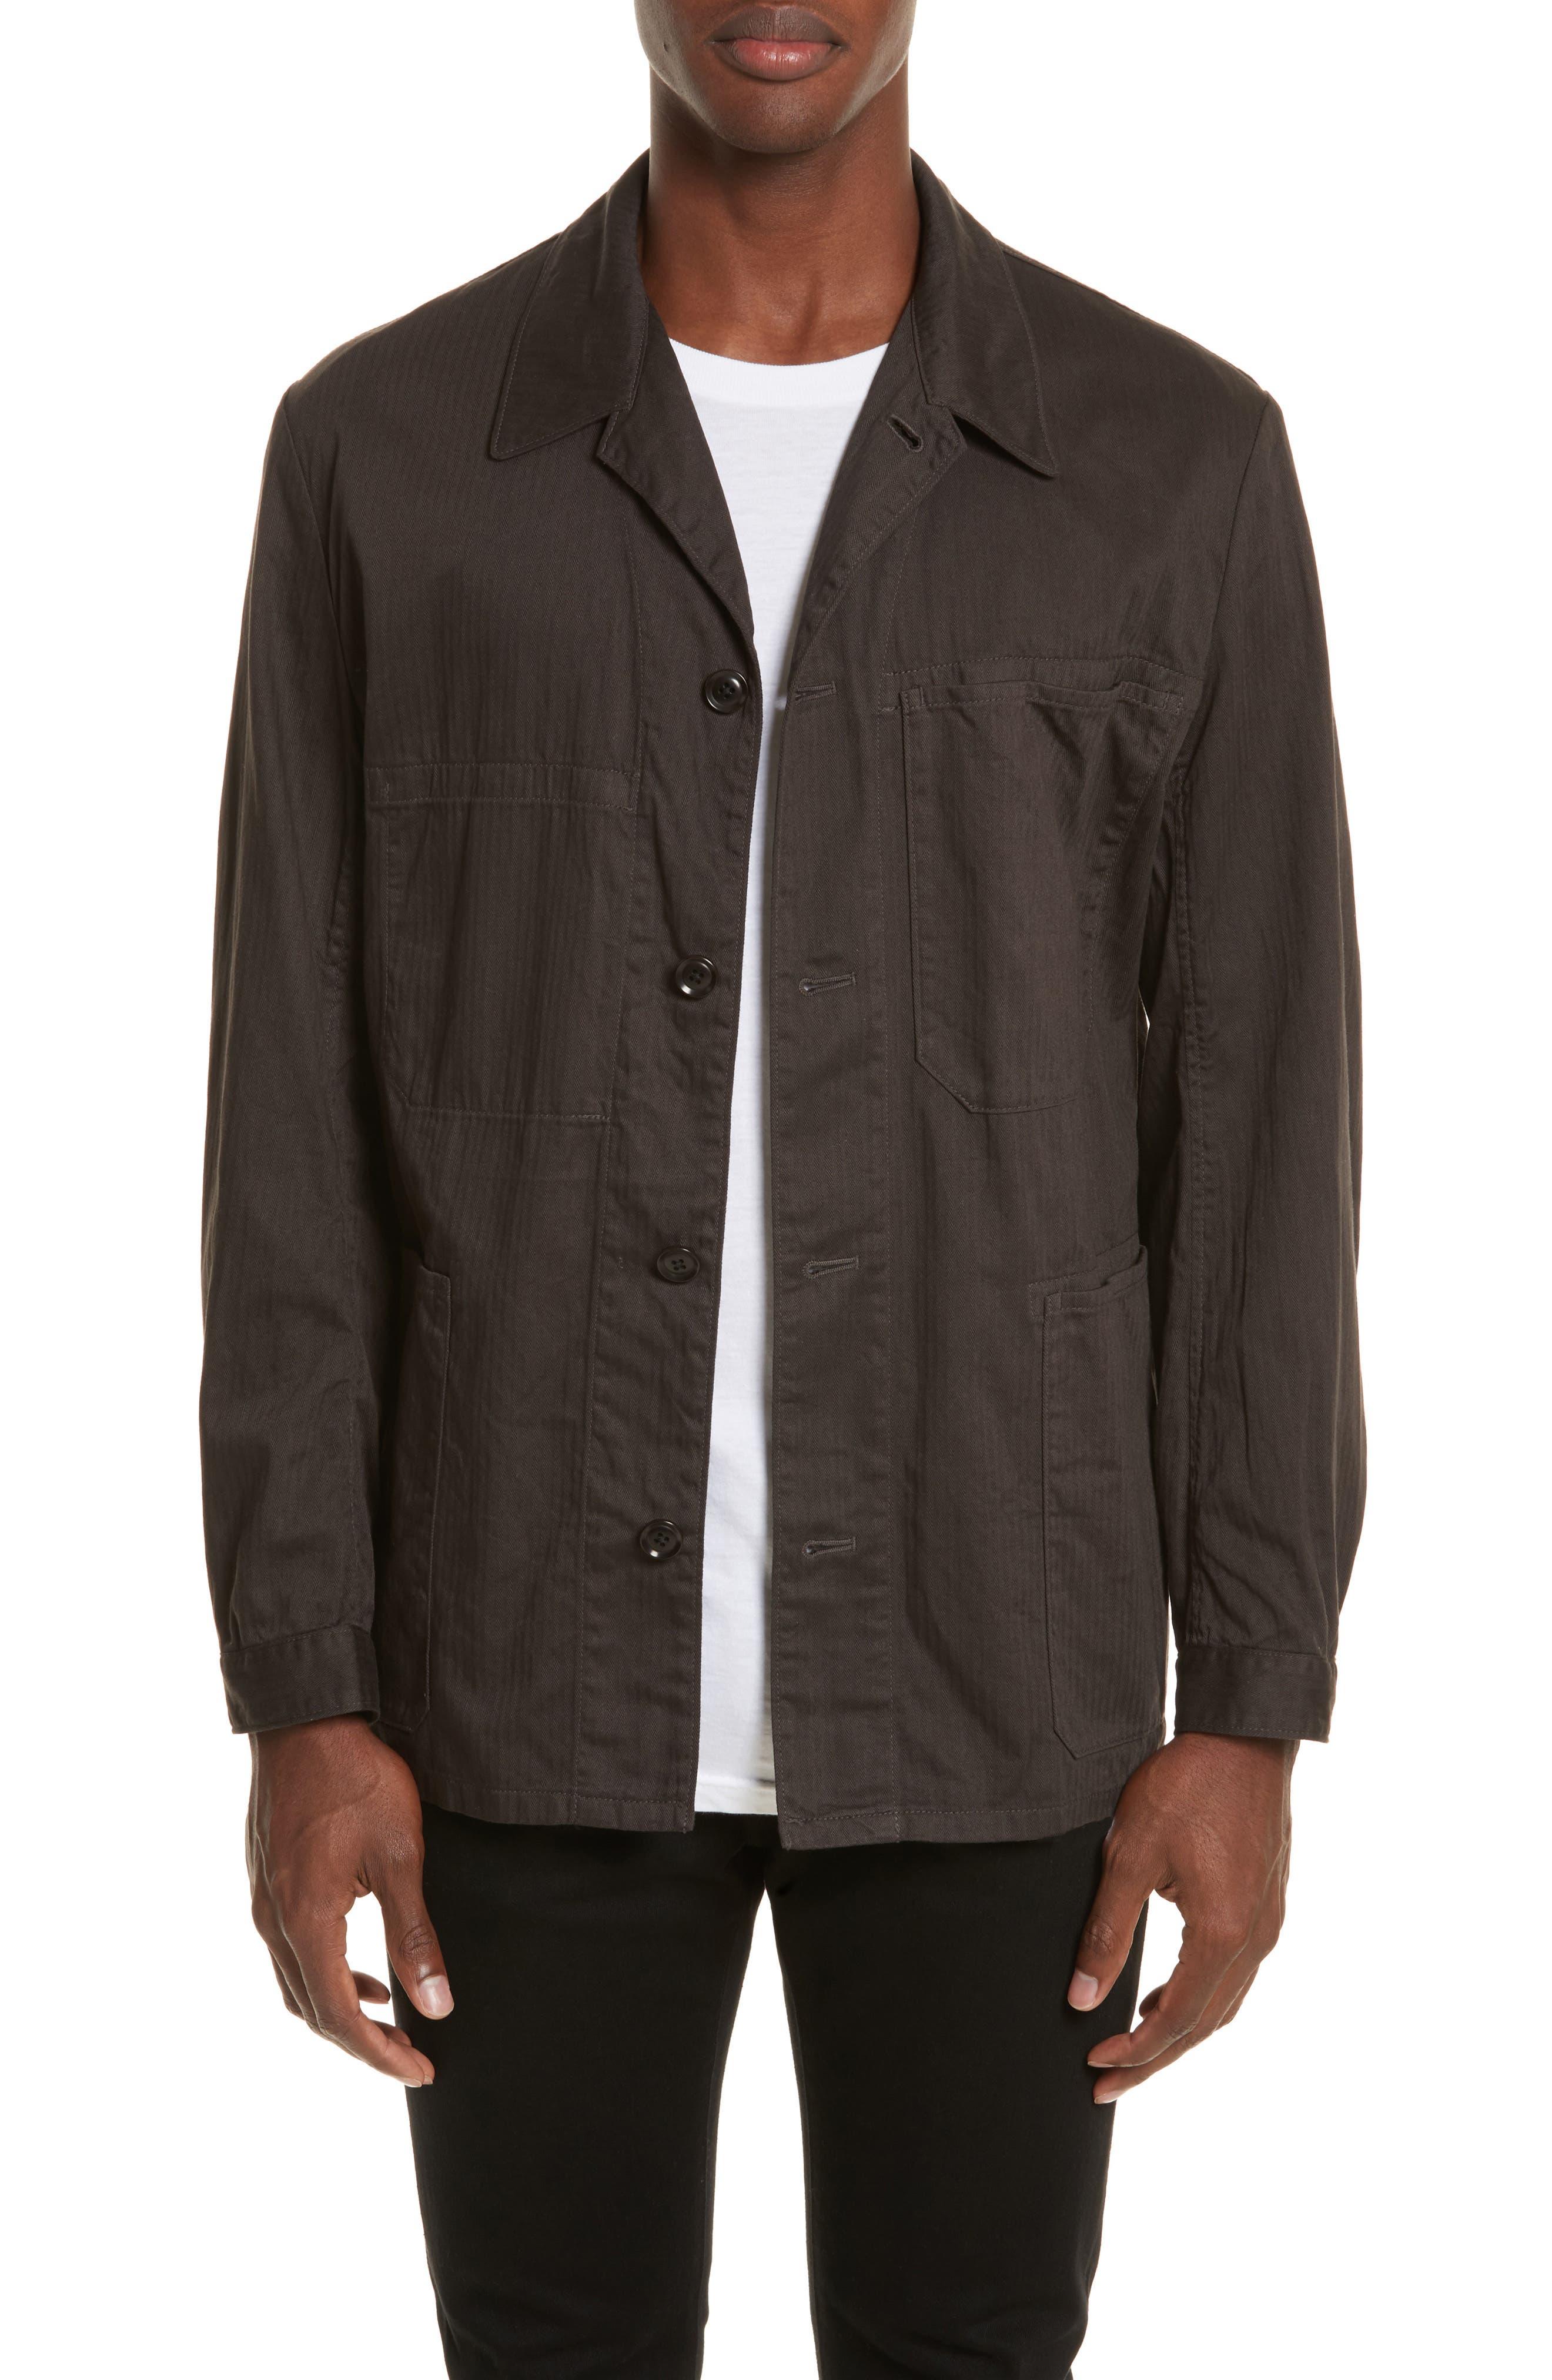 Yohji Yamamoto Chore Jacket